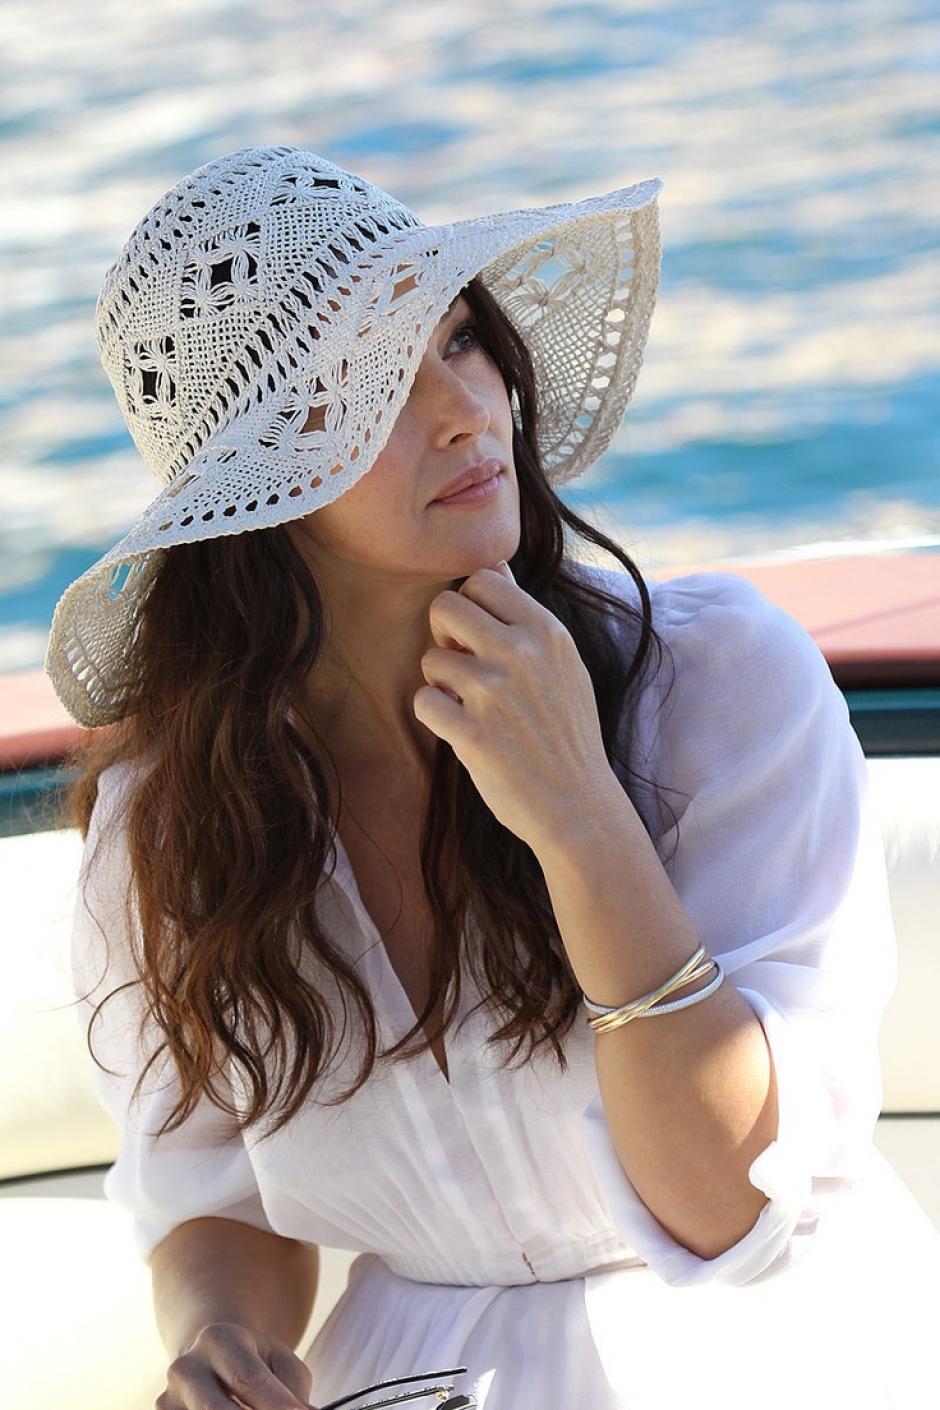 Se sugiere optar por sombreros de 5 a 7 cm de ala para proteger tu rostro, cuello y orejas. Los anteojos de sol envolventes protegen no sólo tus ojos sino también la delicada piel alrededor de ellos.